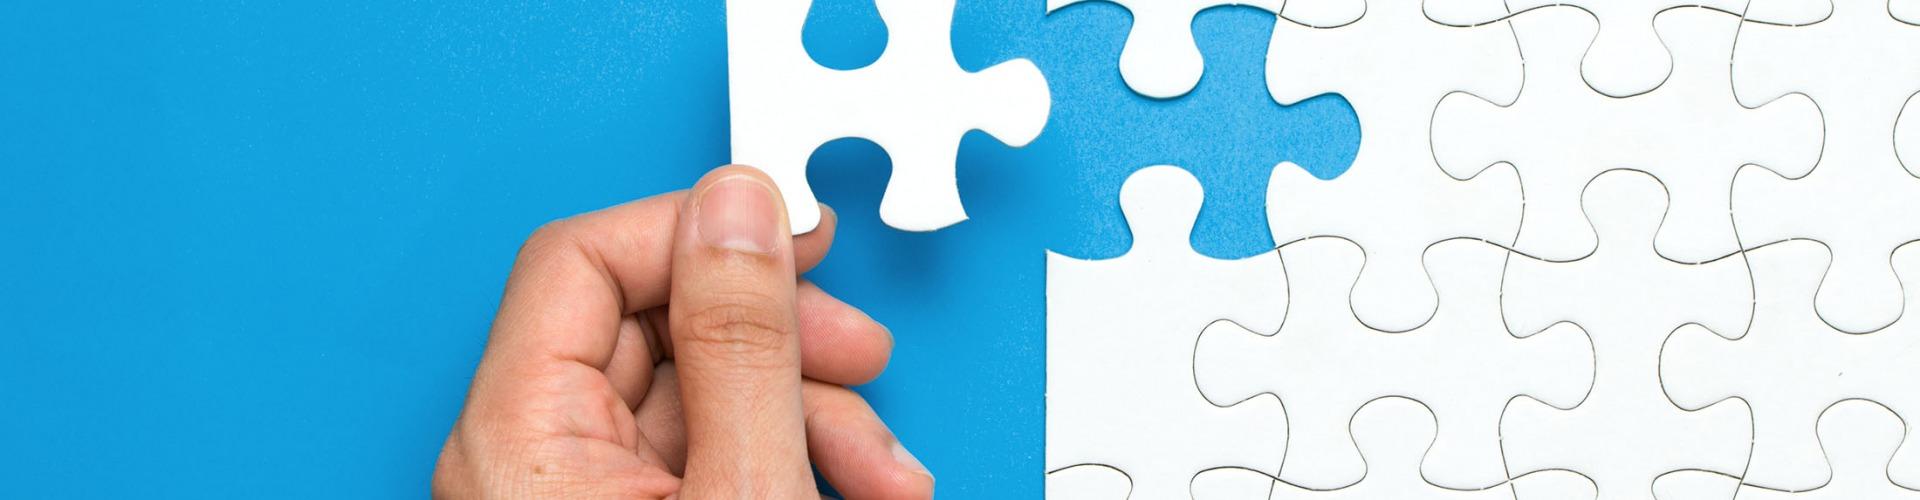 Ingenieurbüro Planungsbüro alle Planungsdisziplinen aus einer Hand